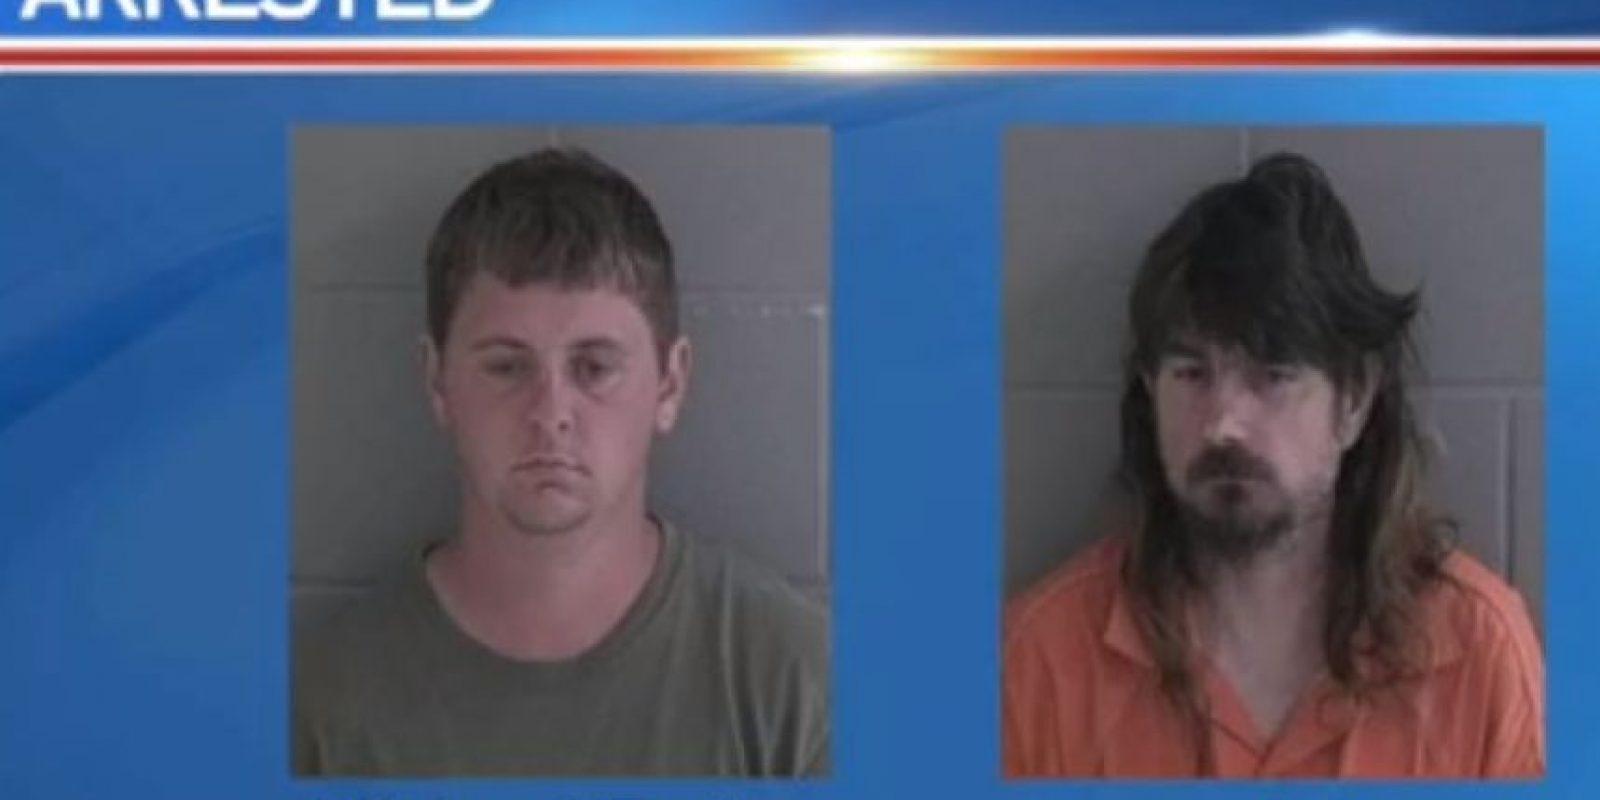 Michael Ray Taylor, de 23 años, y James Harold Johnson, de 47 años, fueron arrestados en Georgia, Estados Unidos, por abuso sexual de menores. Utilizaban Snpachat para contactar a sus víctimas. Foto:WJCL News